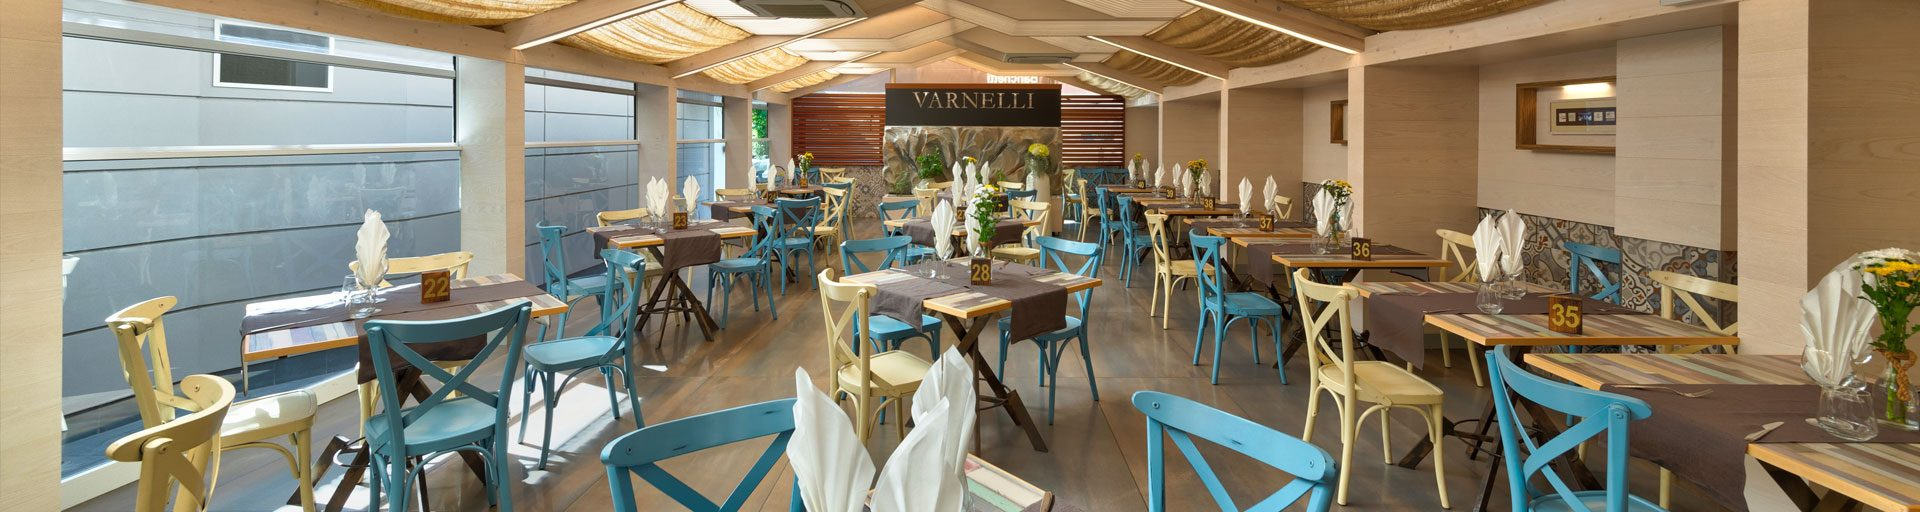 Varnelli Restaurant